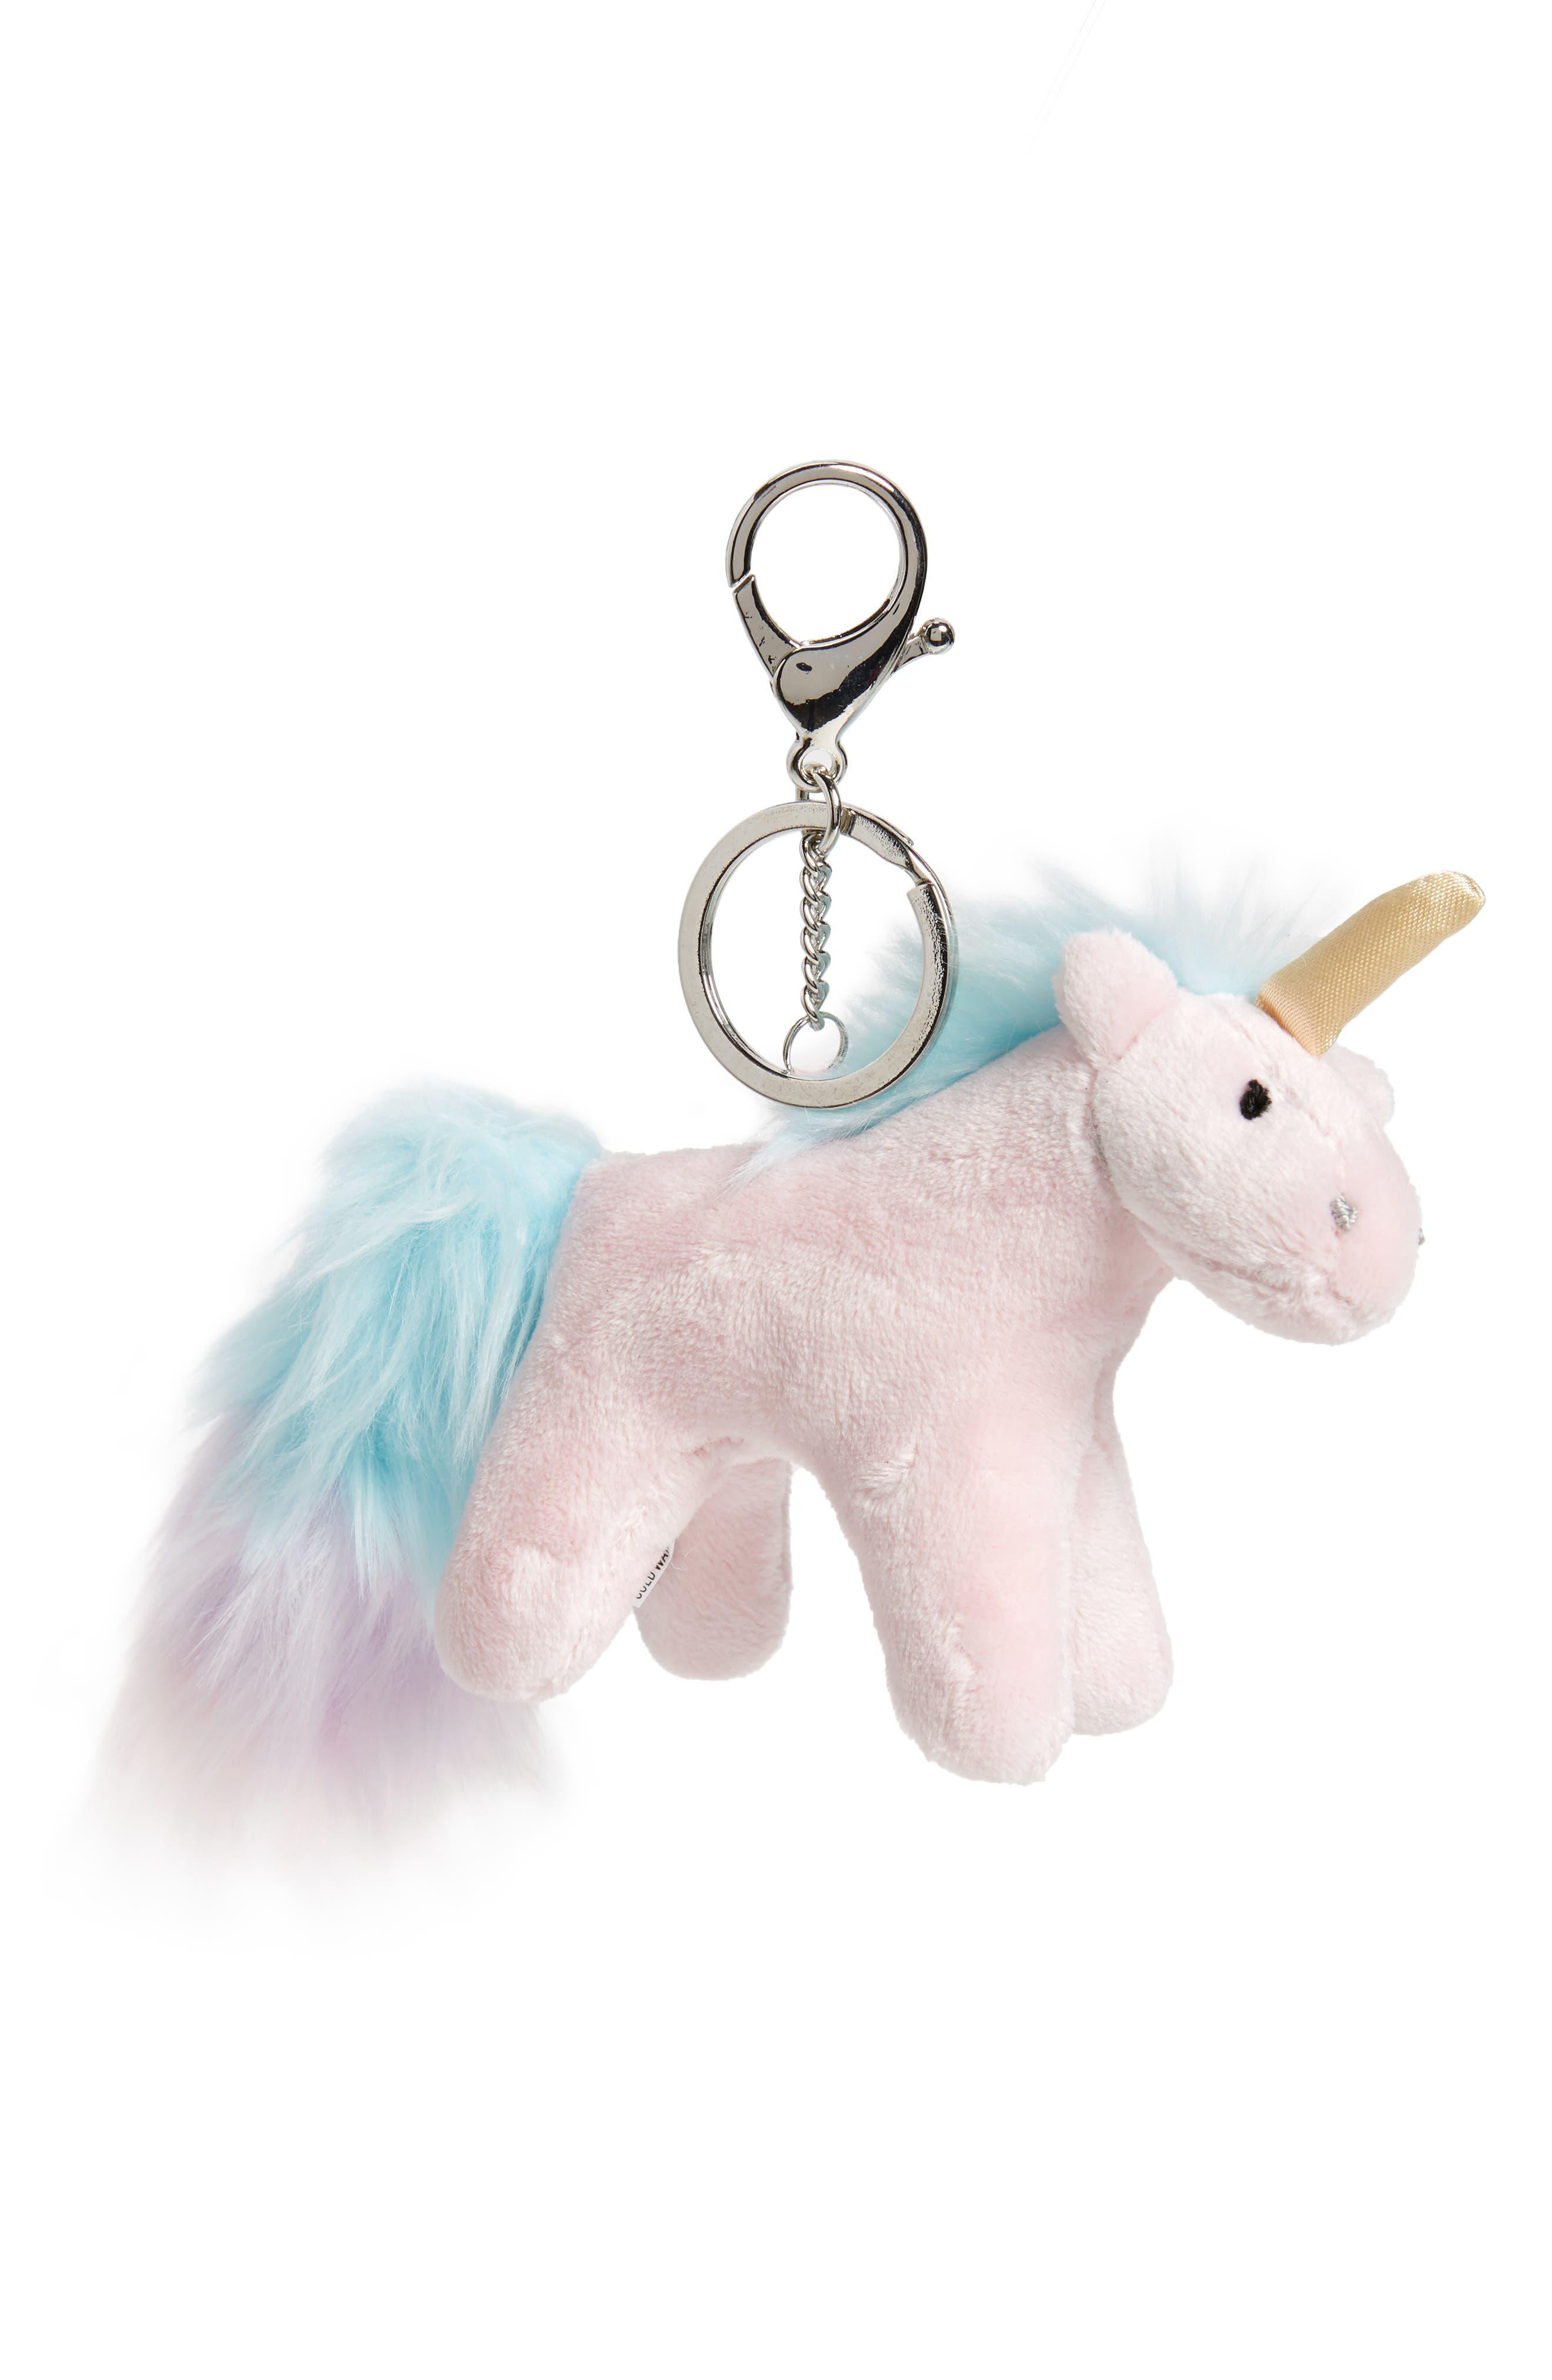 Gund Rainbow Unicorn Keychain